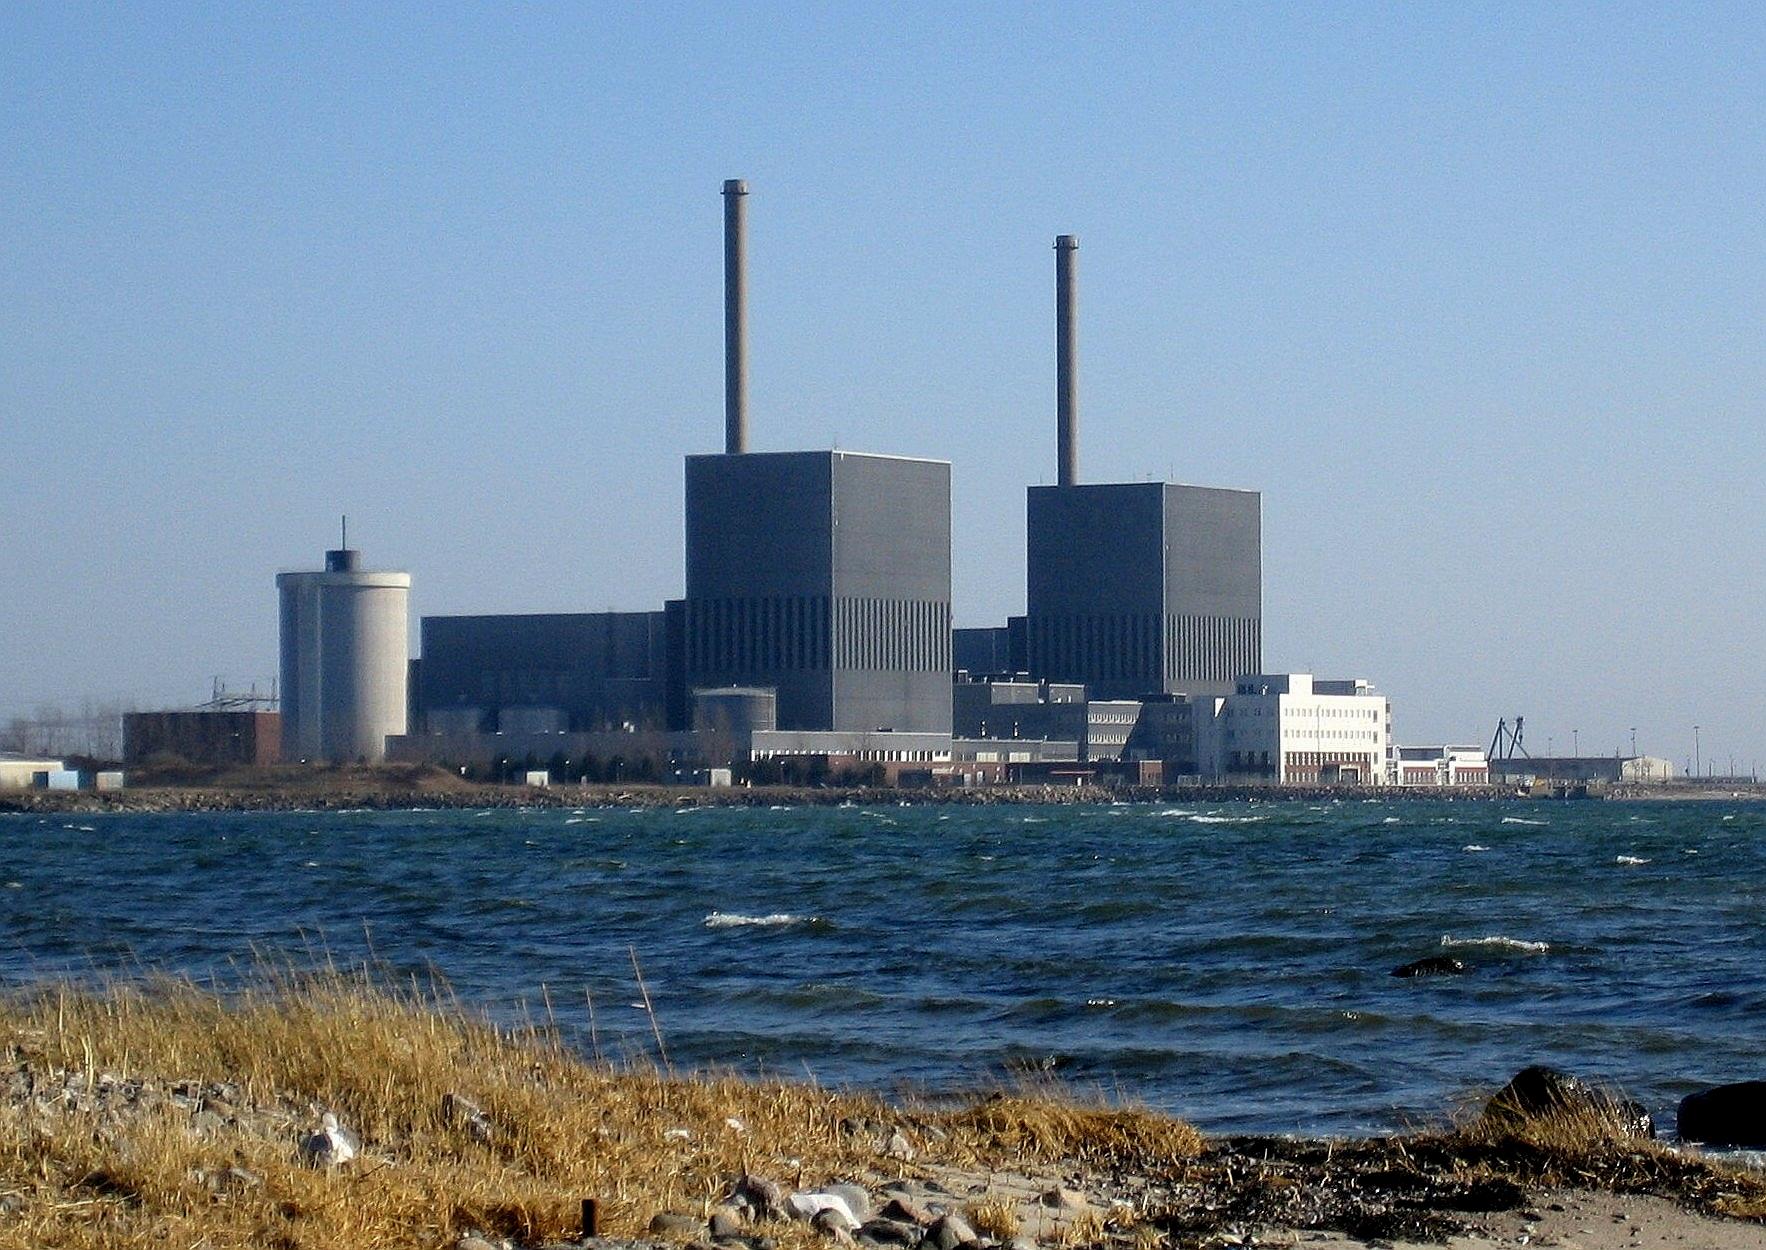 Kernkraftwerk Barsebäck – Wikipedia